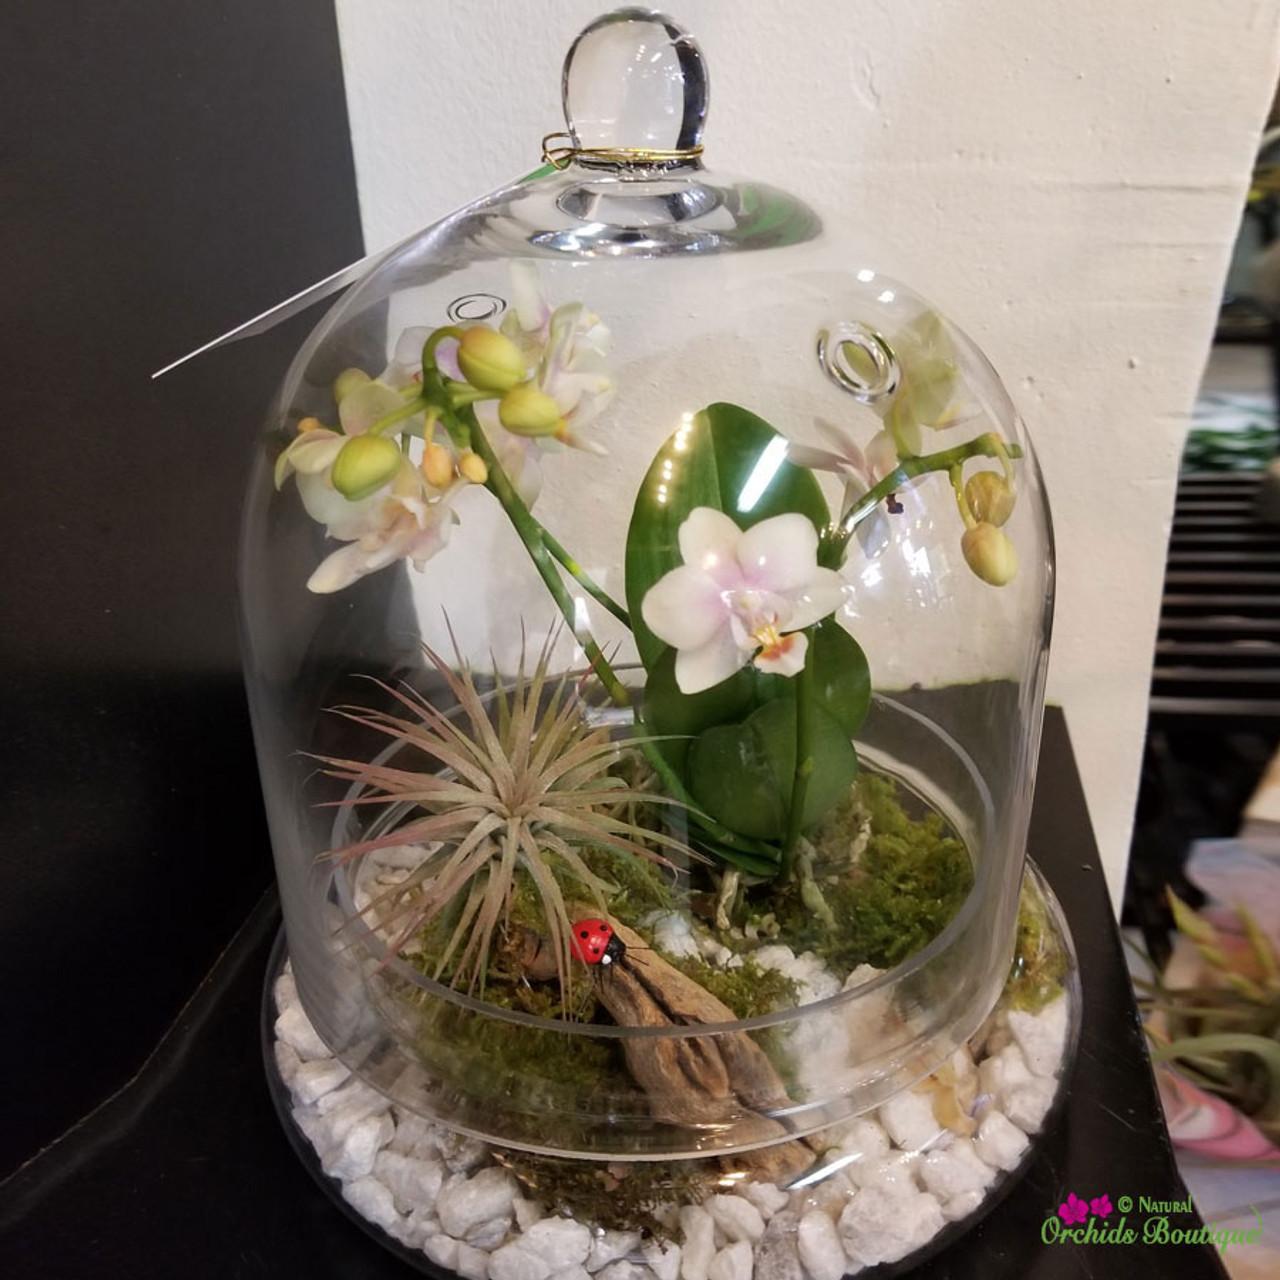 Keep Me Warm Mini Orchid Terrarium Natural Orchids Boutique